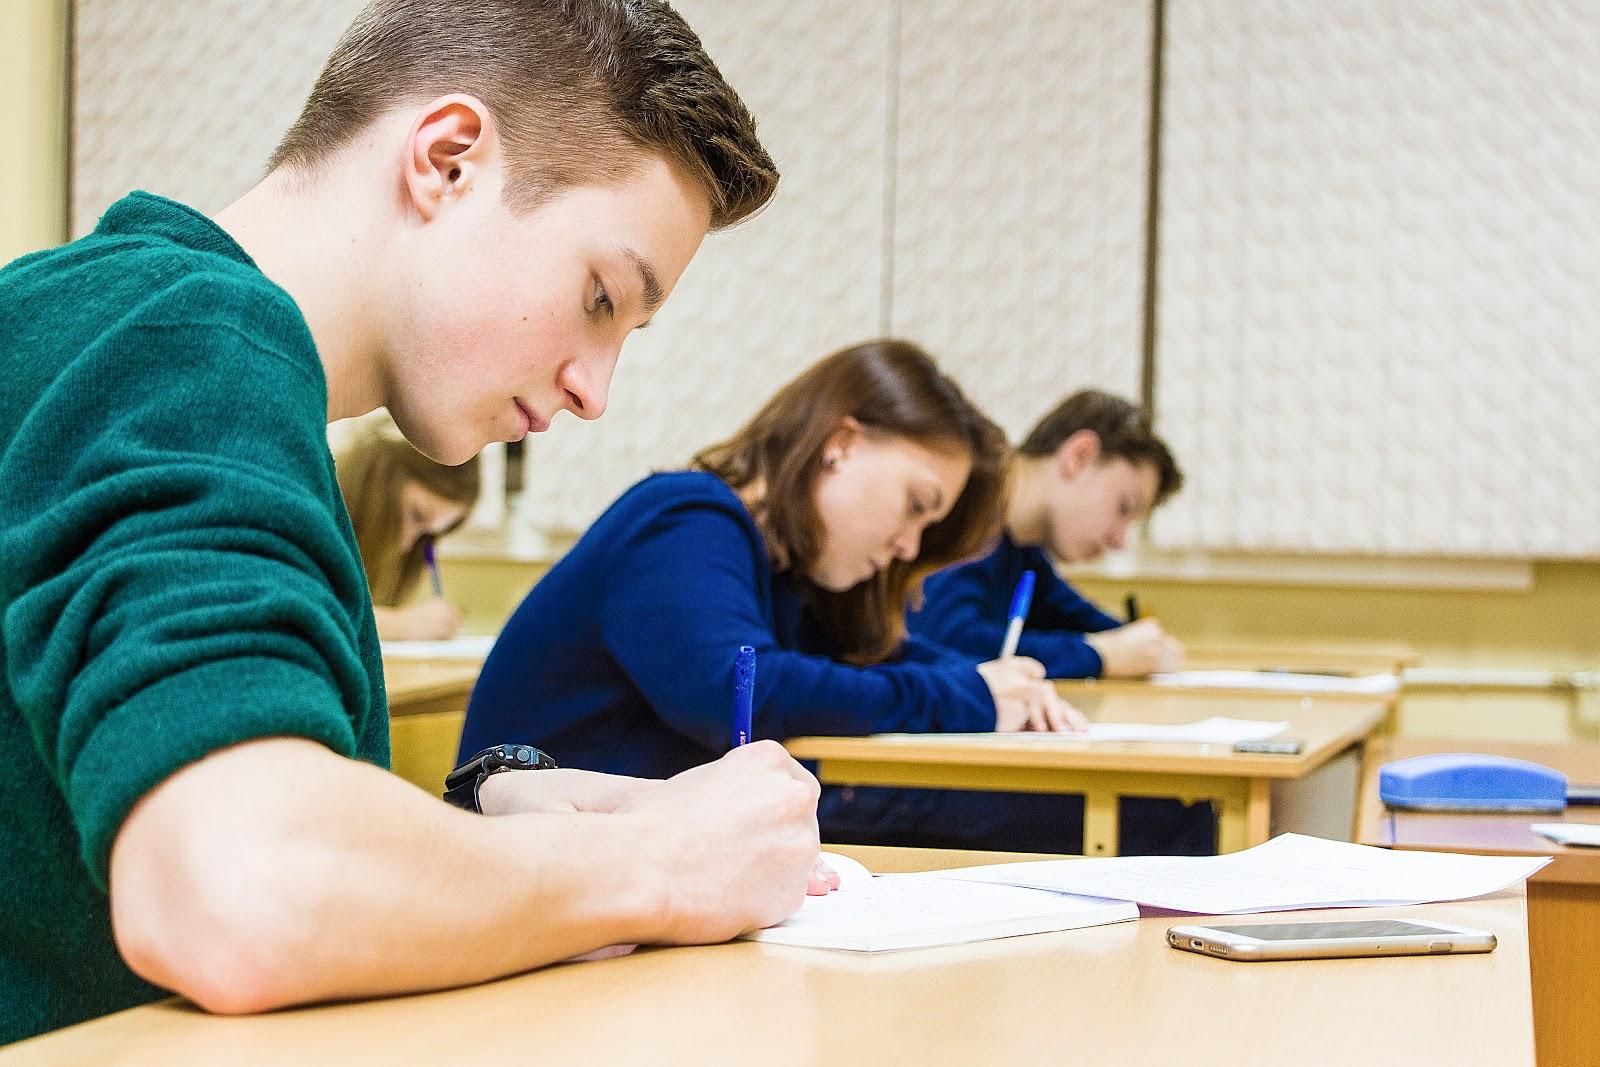 Студентки веселятся после экзамена, Студентки после экзамена » Порно видео онлайн 18 фотография